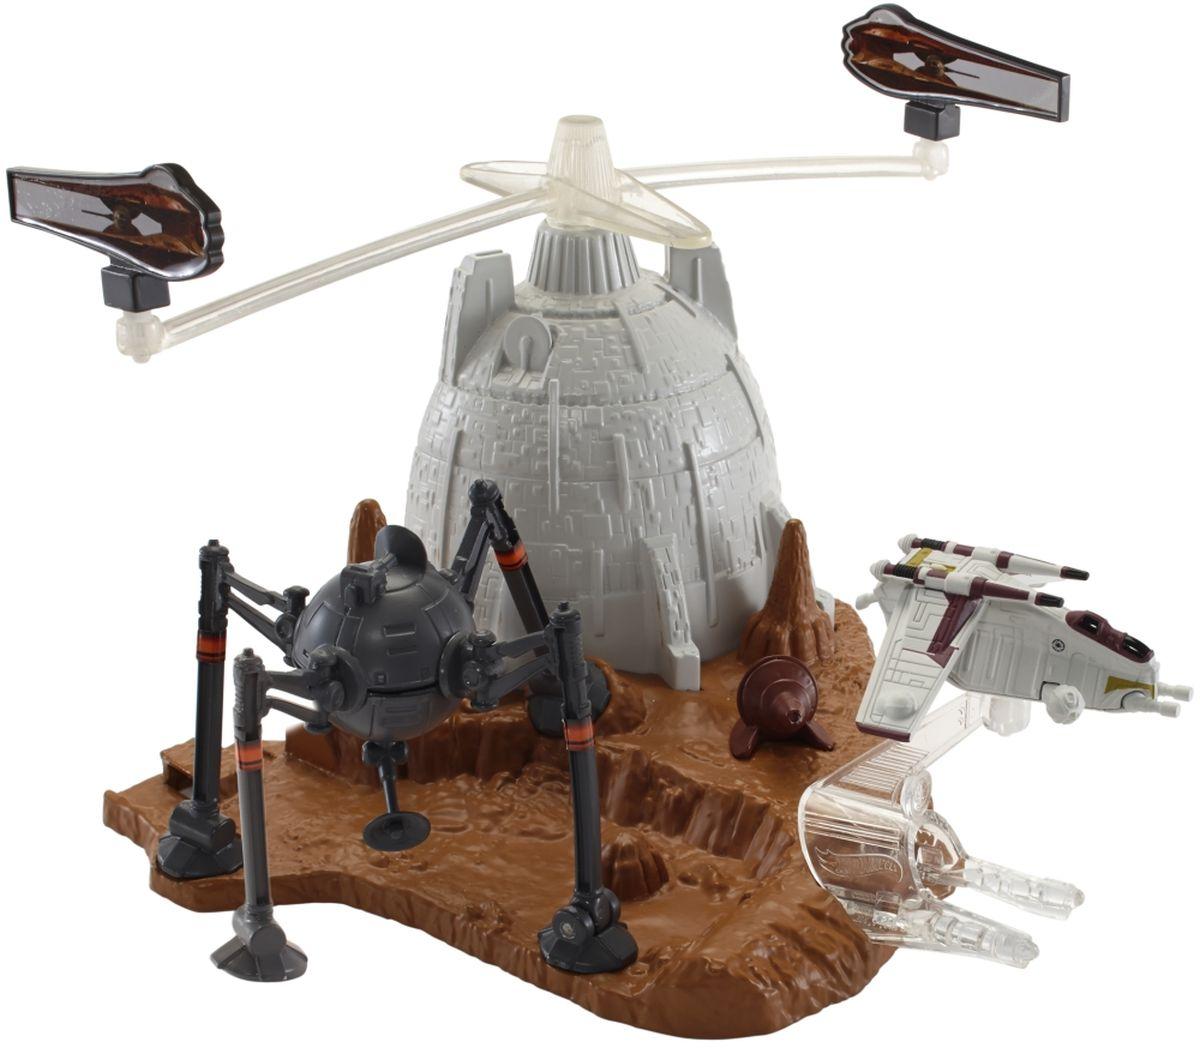 Купить Hot Wheels Star Wars Игровой набор Battle of Geonosis, Mattel, Игровые наборы